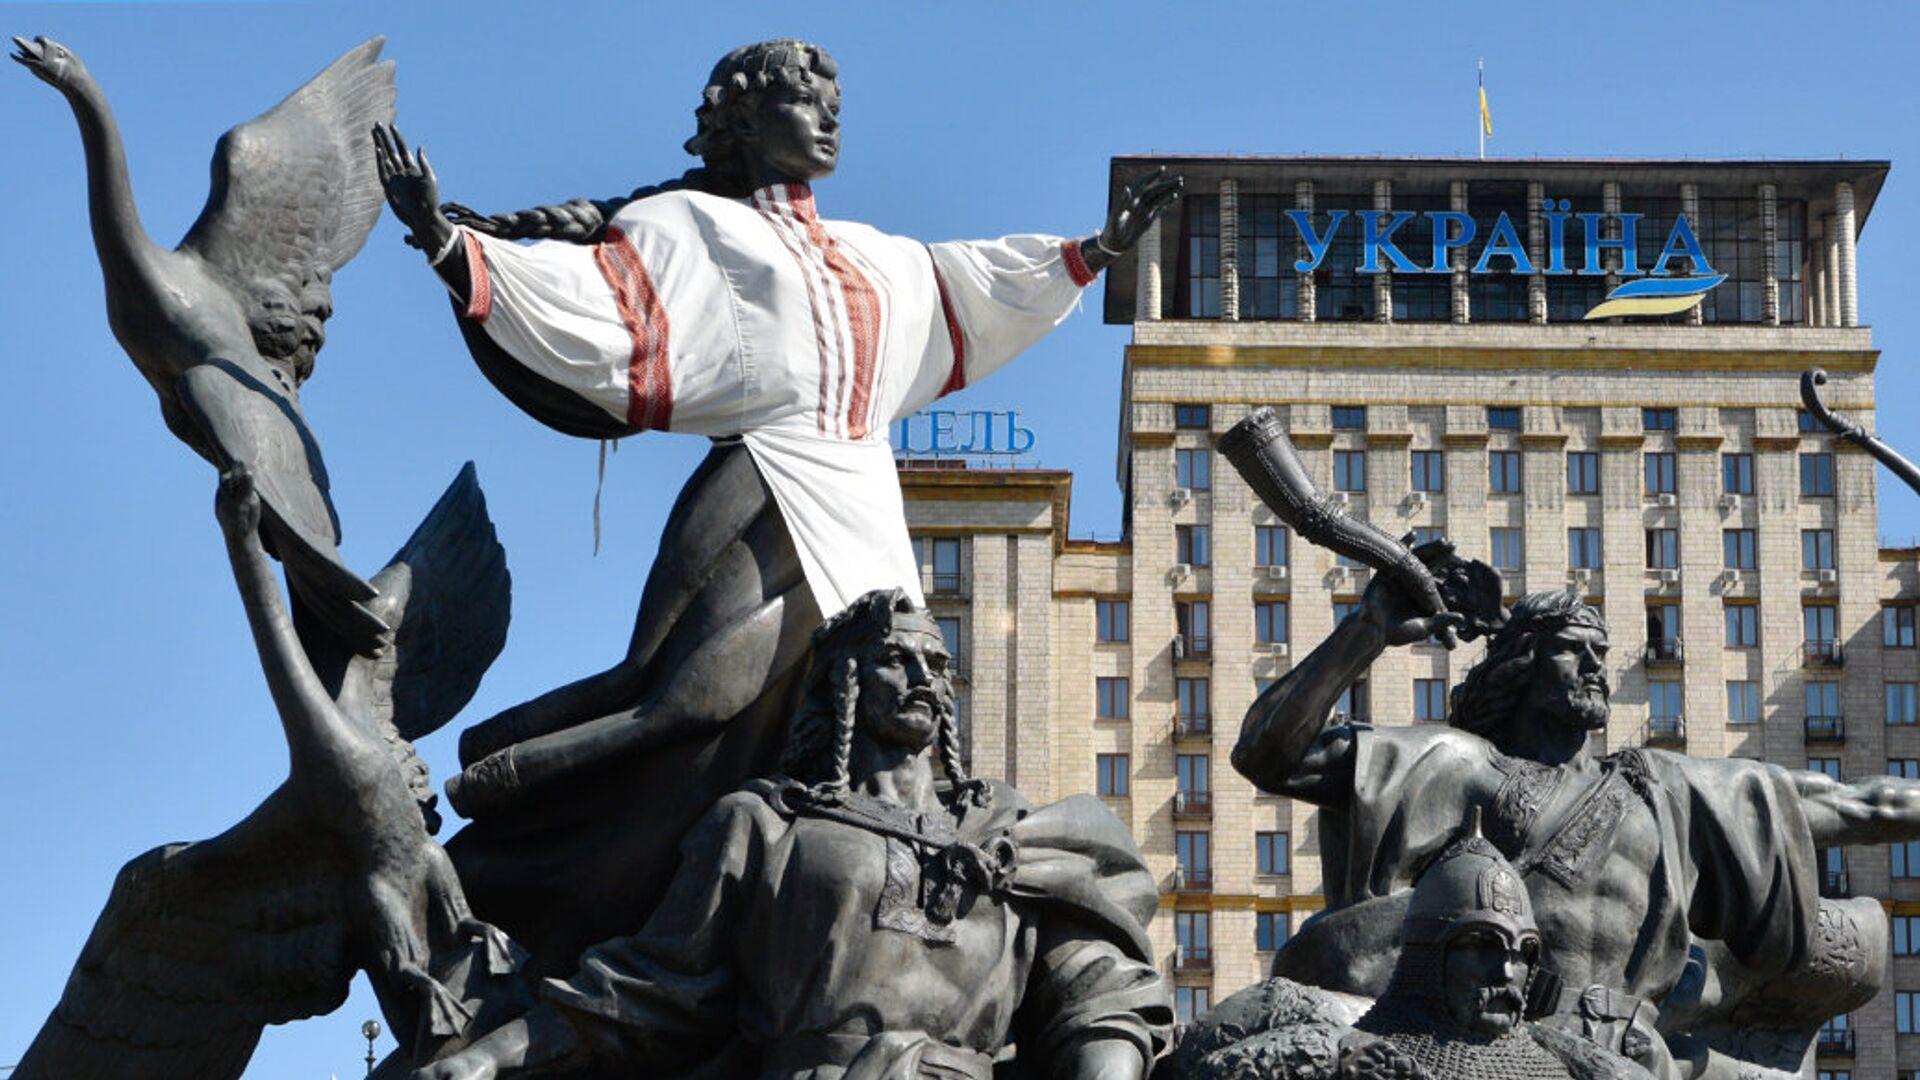 Украина - РИА Новости, 1920, 03.03.2021